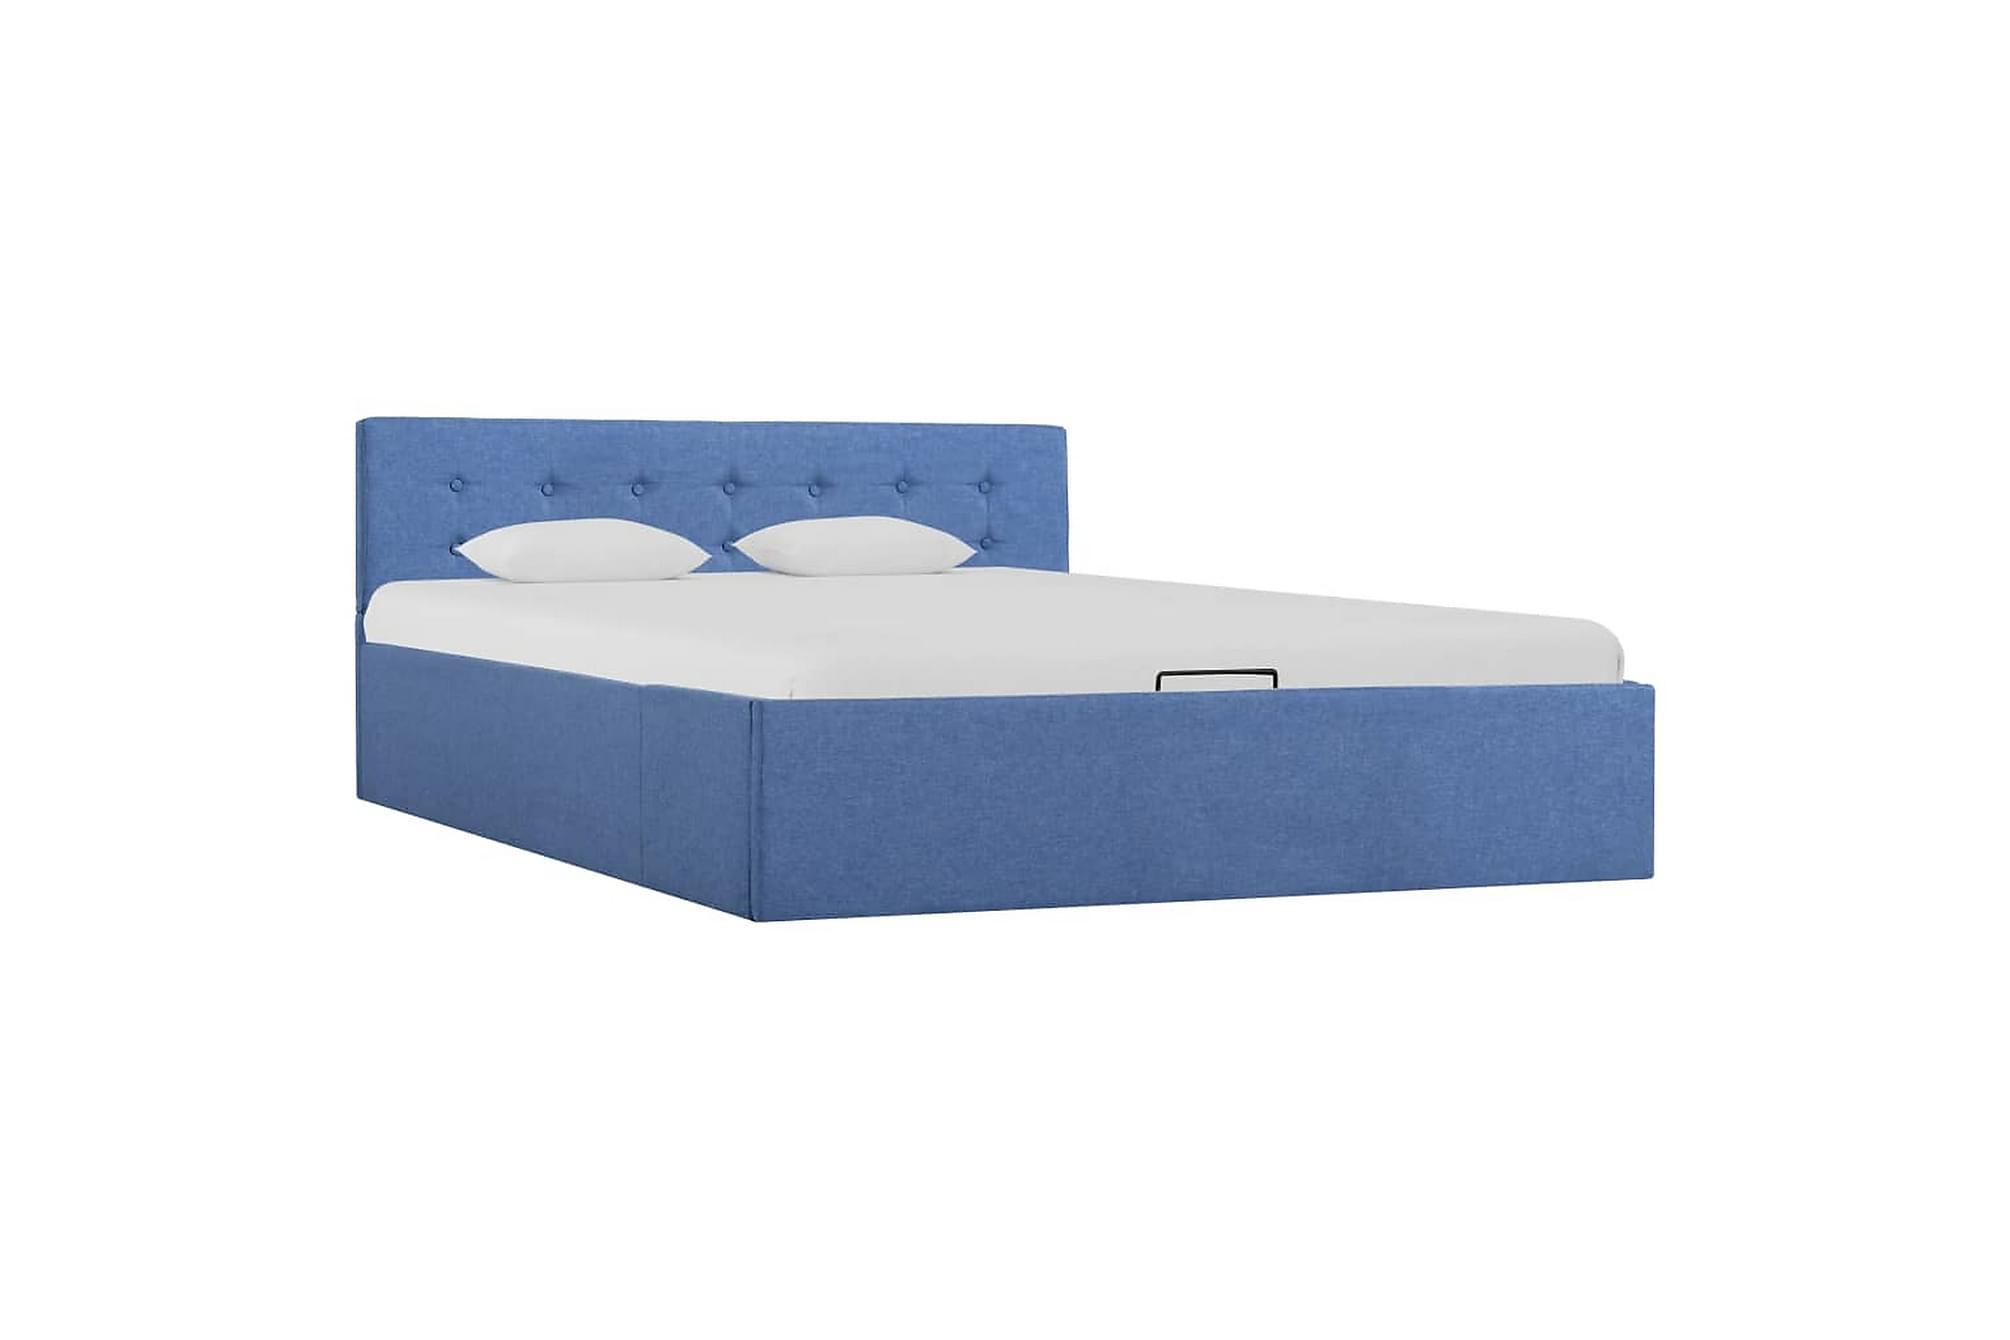 Sängram med hydraulisk förvaring blå tyg 140×200 cm